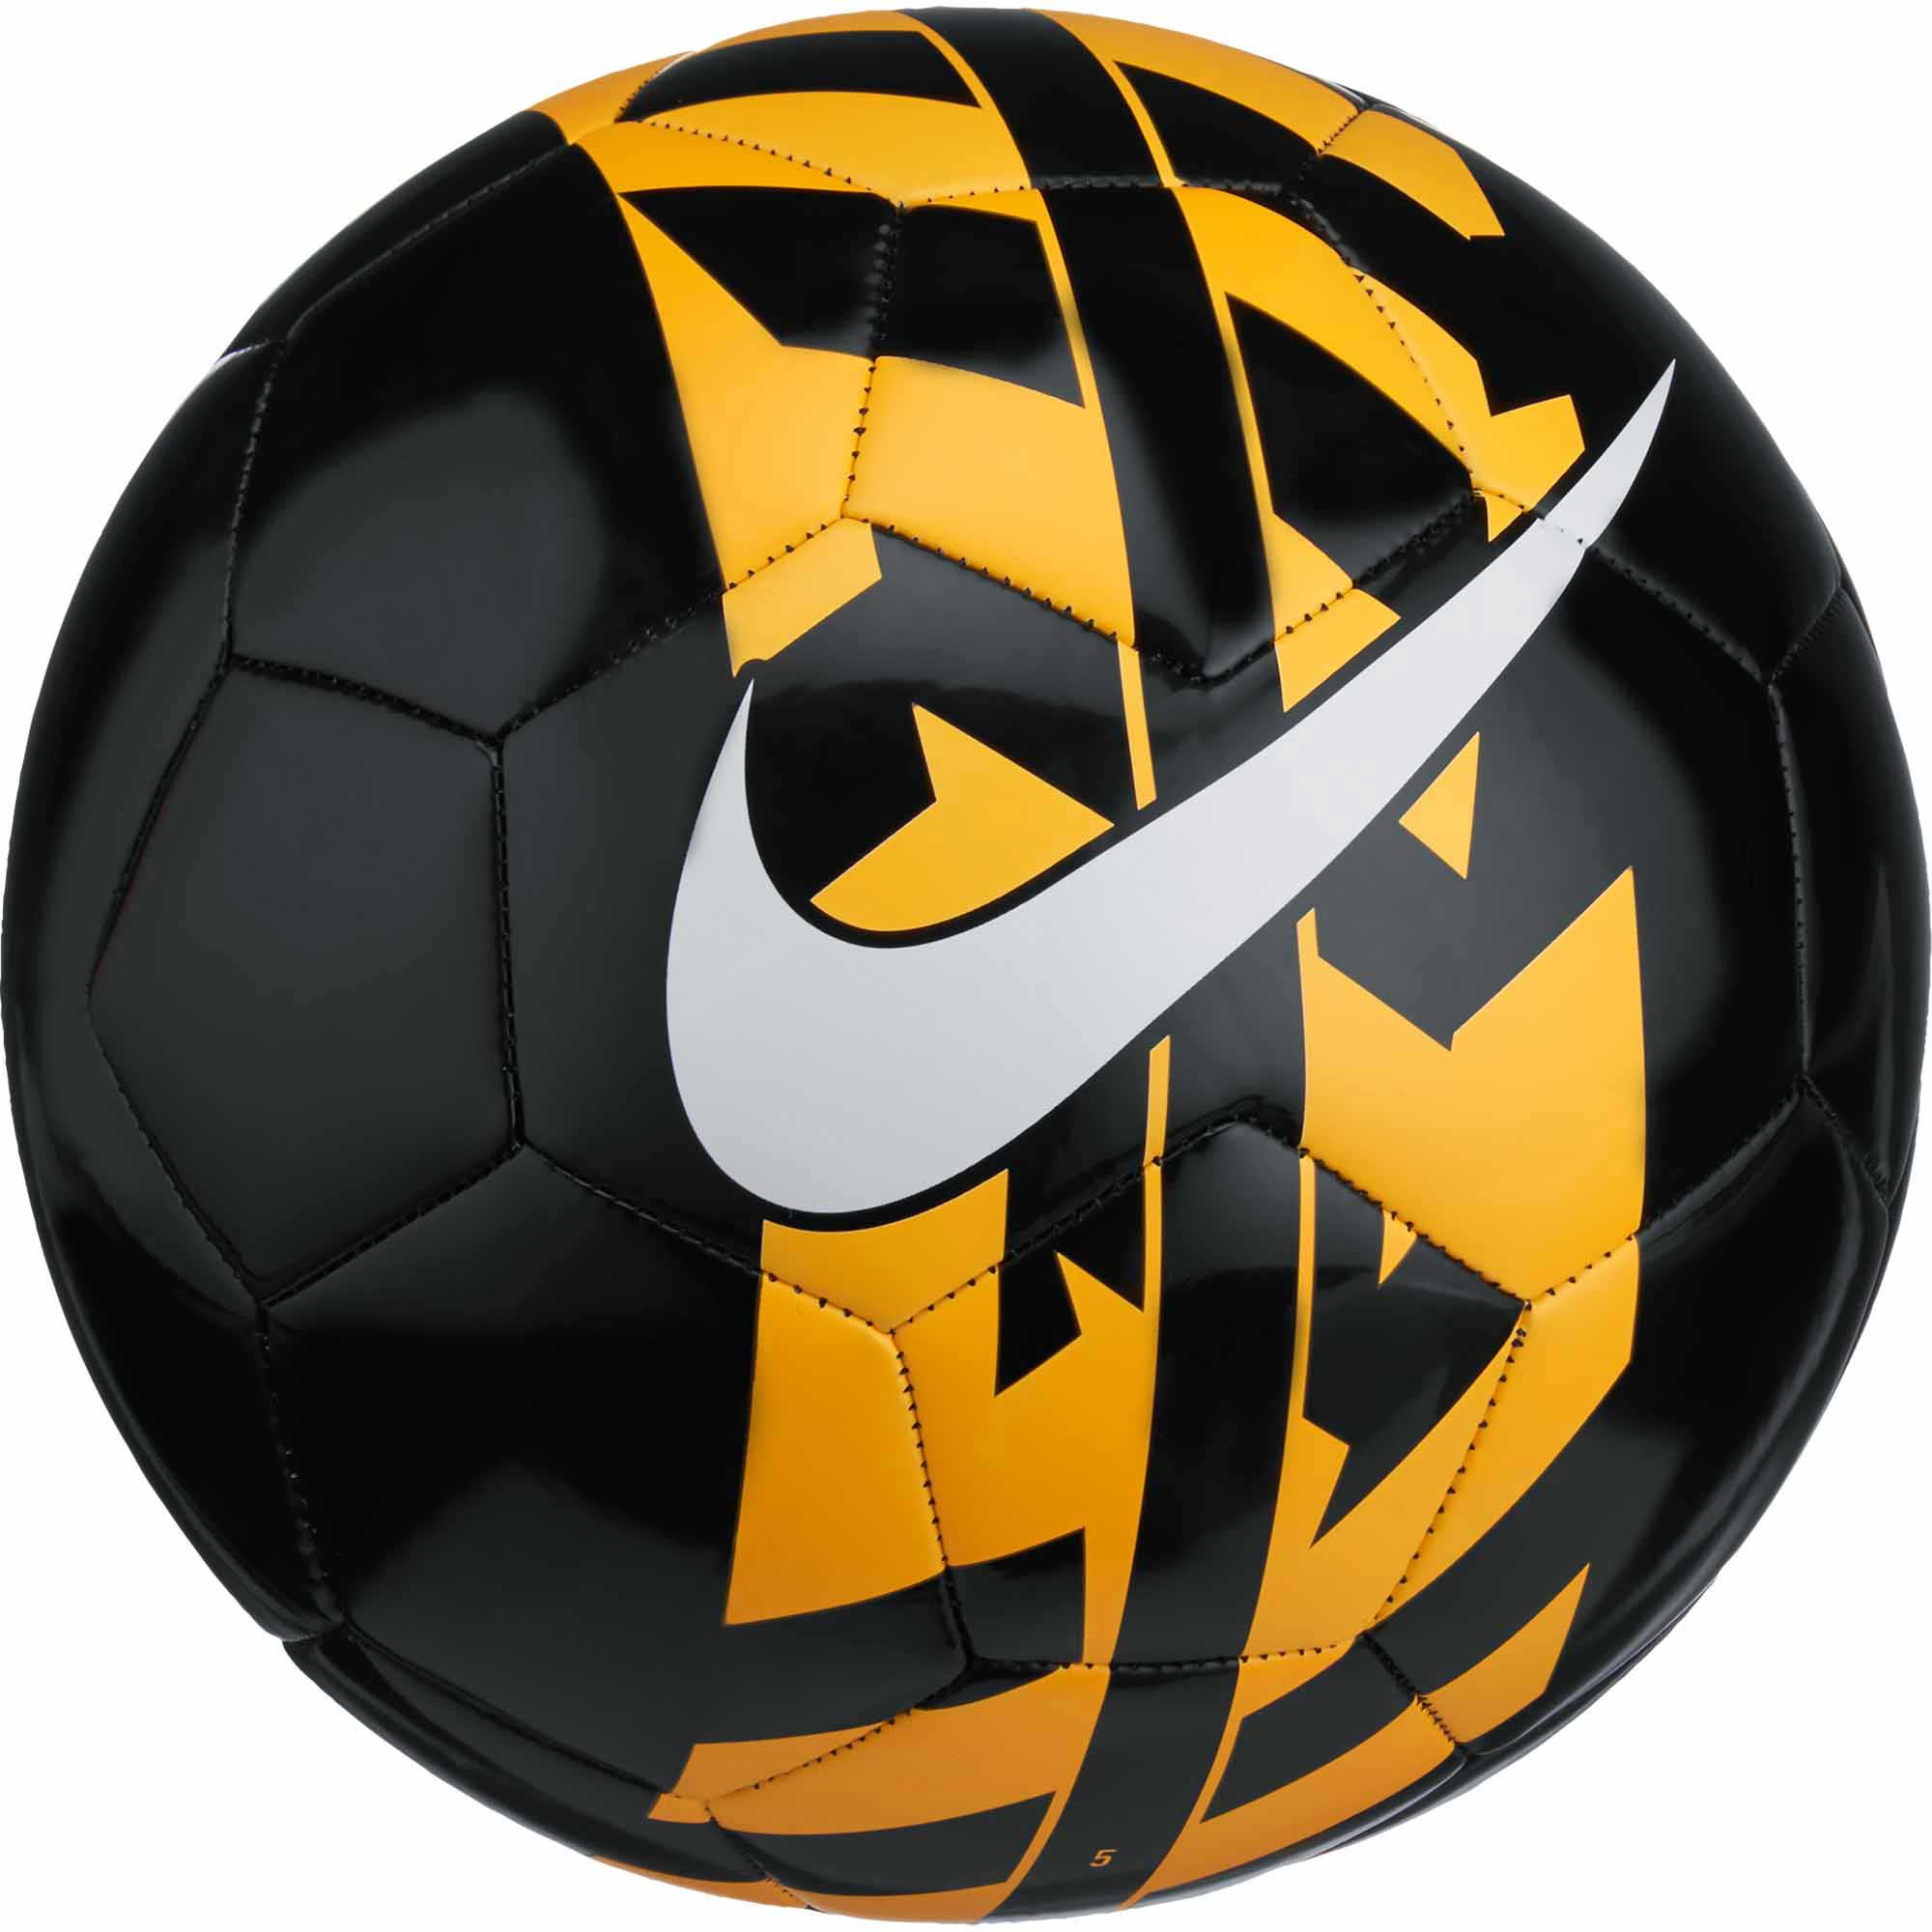 Nike React Soccer Ball - Black Nike Soccer Balls